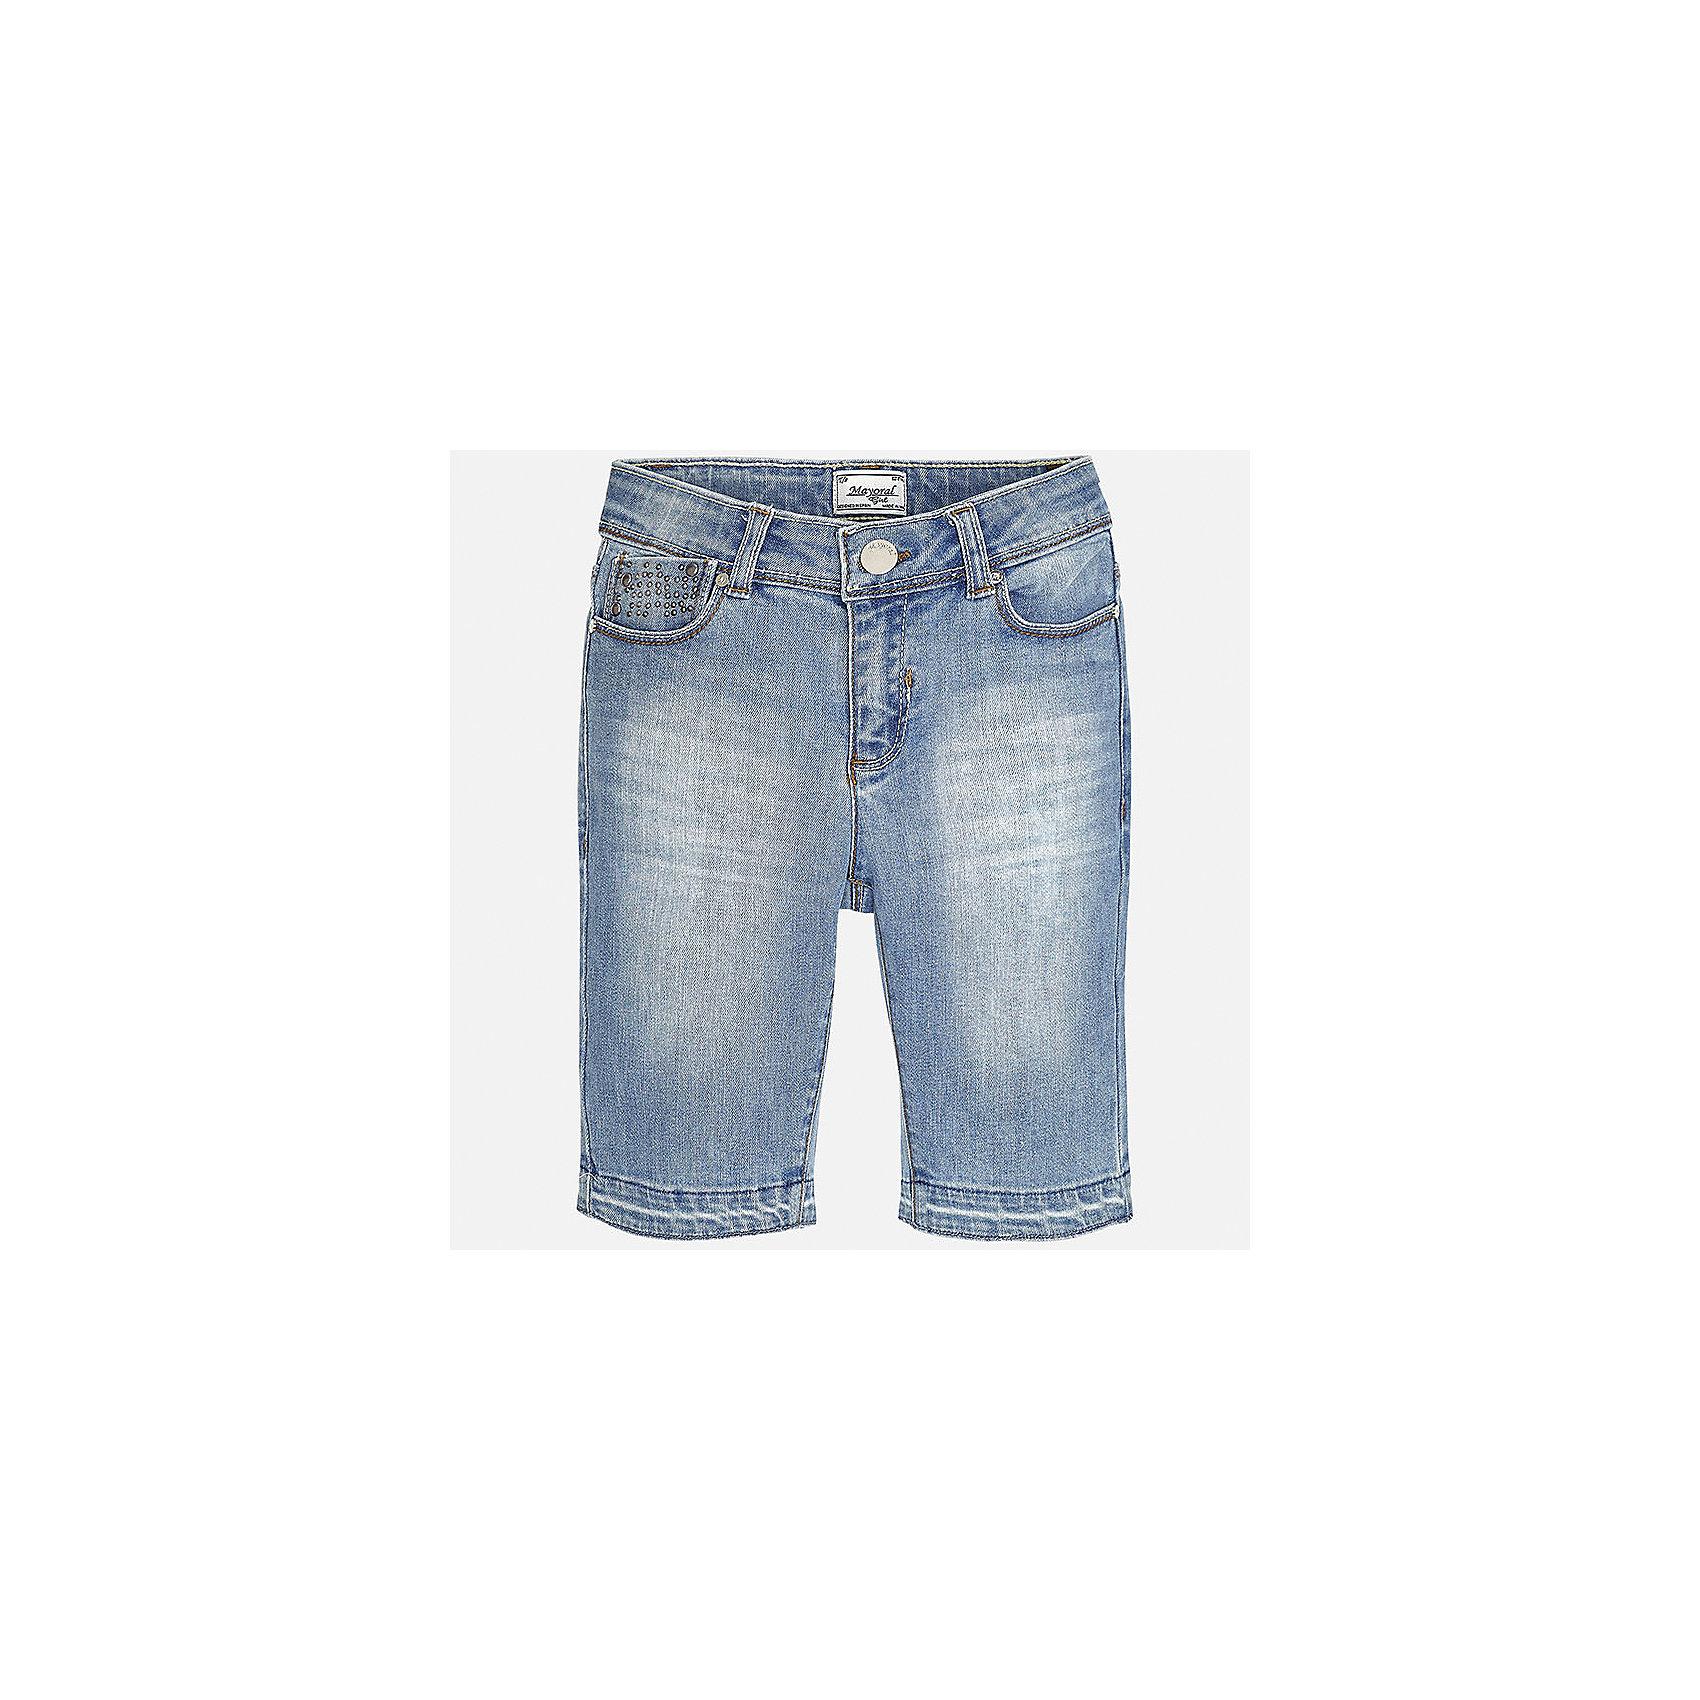 Бриджи джинсовые для девочки MayoralХарактеристики товара:<br><br>• цвет: голубой<br>• состав: 92% хлопок, 6% полиэстер, 2% эластан<br>• эффект потертости<br>• карманы<br>• пояс с регулировкой объема<br>• шлевки<br>• страна бренда: Испания<br><br>Стильные легкие бриджи для девочки смогут разнообразить гардероб ребенка и украсить наряд. Они отлично сочетаются с майками, футболками, блузками. Красивый оттенок позволяет подобрать к вещи верх разных расцветок. Интересный крой модели делает её нарядной и оригинальной. В составе материала - натуральный хлопок, гипоаллергенный, приятный на ощупь, дышащий.<br><br>Одежда, обувь и аксессуары от испанского бренда Mayoral полюбились детям и взрослым по всему миру. Модели этой марки - стильные и удобные. Для их производства используются только безопасные, качественные материалы и фурнитура. Порадуйте ребенка модными и красивыми вещами от Mayoral! <br><br>Бриджи для девочки от испанского бренда Mayoral (Майорал) можно купить в нашем интернет-магазине.<br><br>Ширина мм: 215<br>Глубина мм: 88<br>Высота мм: 191<br>Вес г: 336<br>Цвет: синий<br>Возраст от месяцев: 168<br>Возраст до месяцев: 180<br>Пол: Женский<br>Возраст: Детский<br>Размер: 170,128/134,140,152,158,164<br>SKU: 5292666